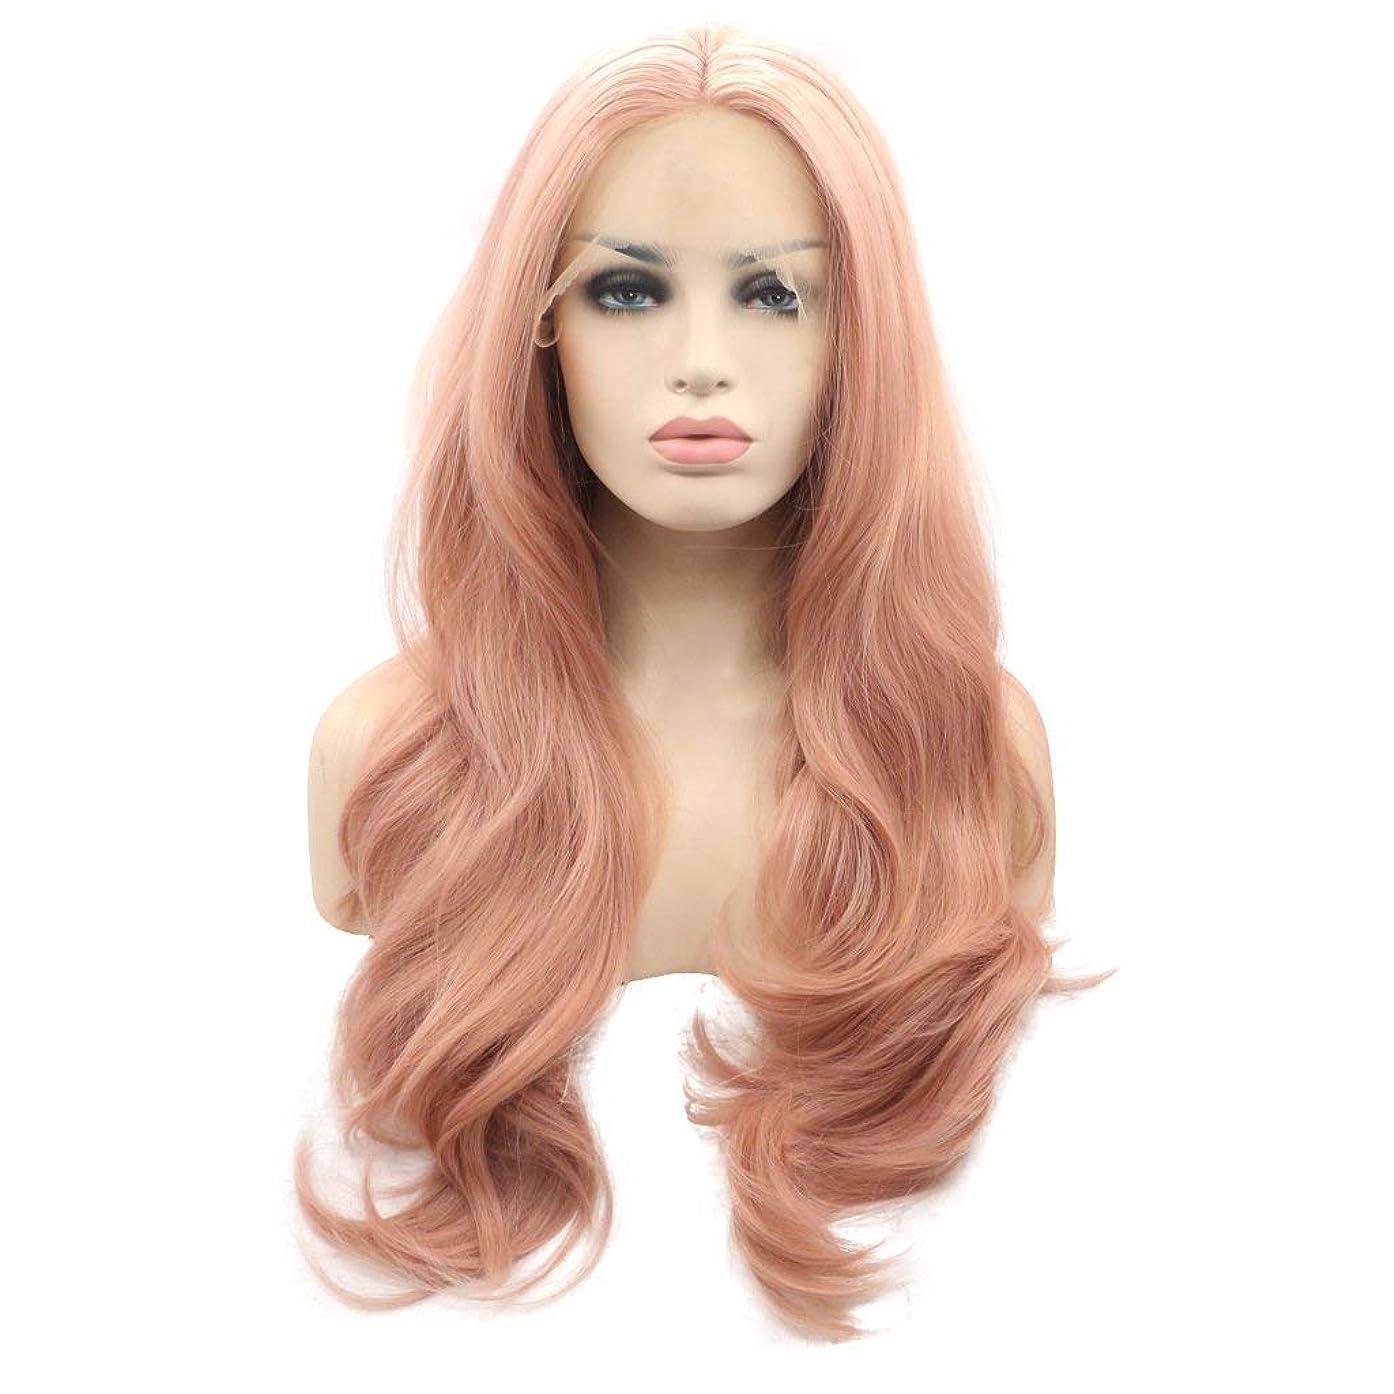 プレゼント着替える代名詞26インチ長いウェーブのかかったピンクヒートセーフ合成毛レースフロントかつら、まともな別れスペース透明レース用女性女性 (色 : Pink)